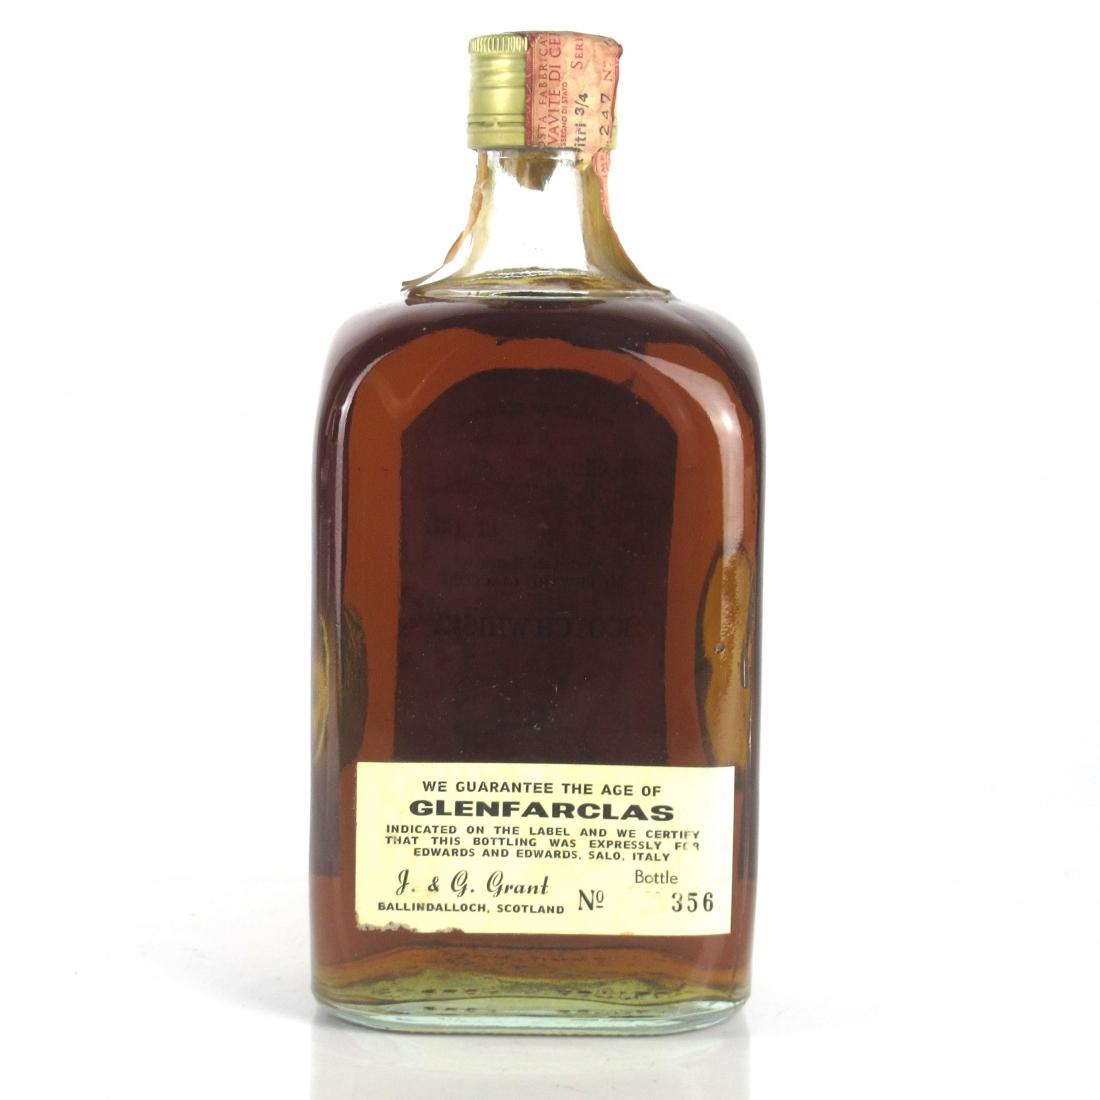 Glenfarclas 21 Year Old 1970s / Pinerolo Import